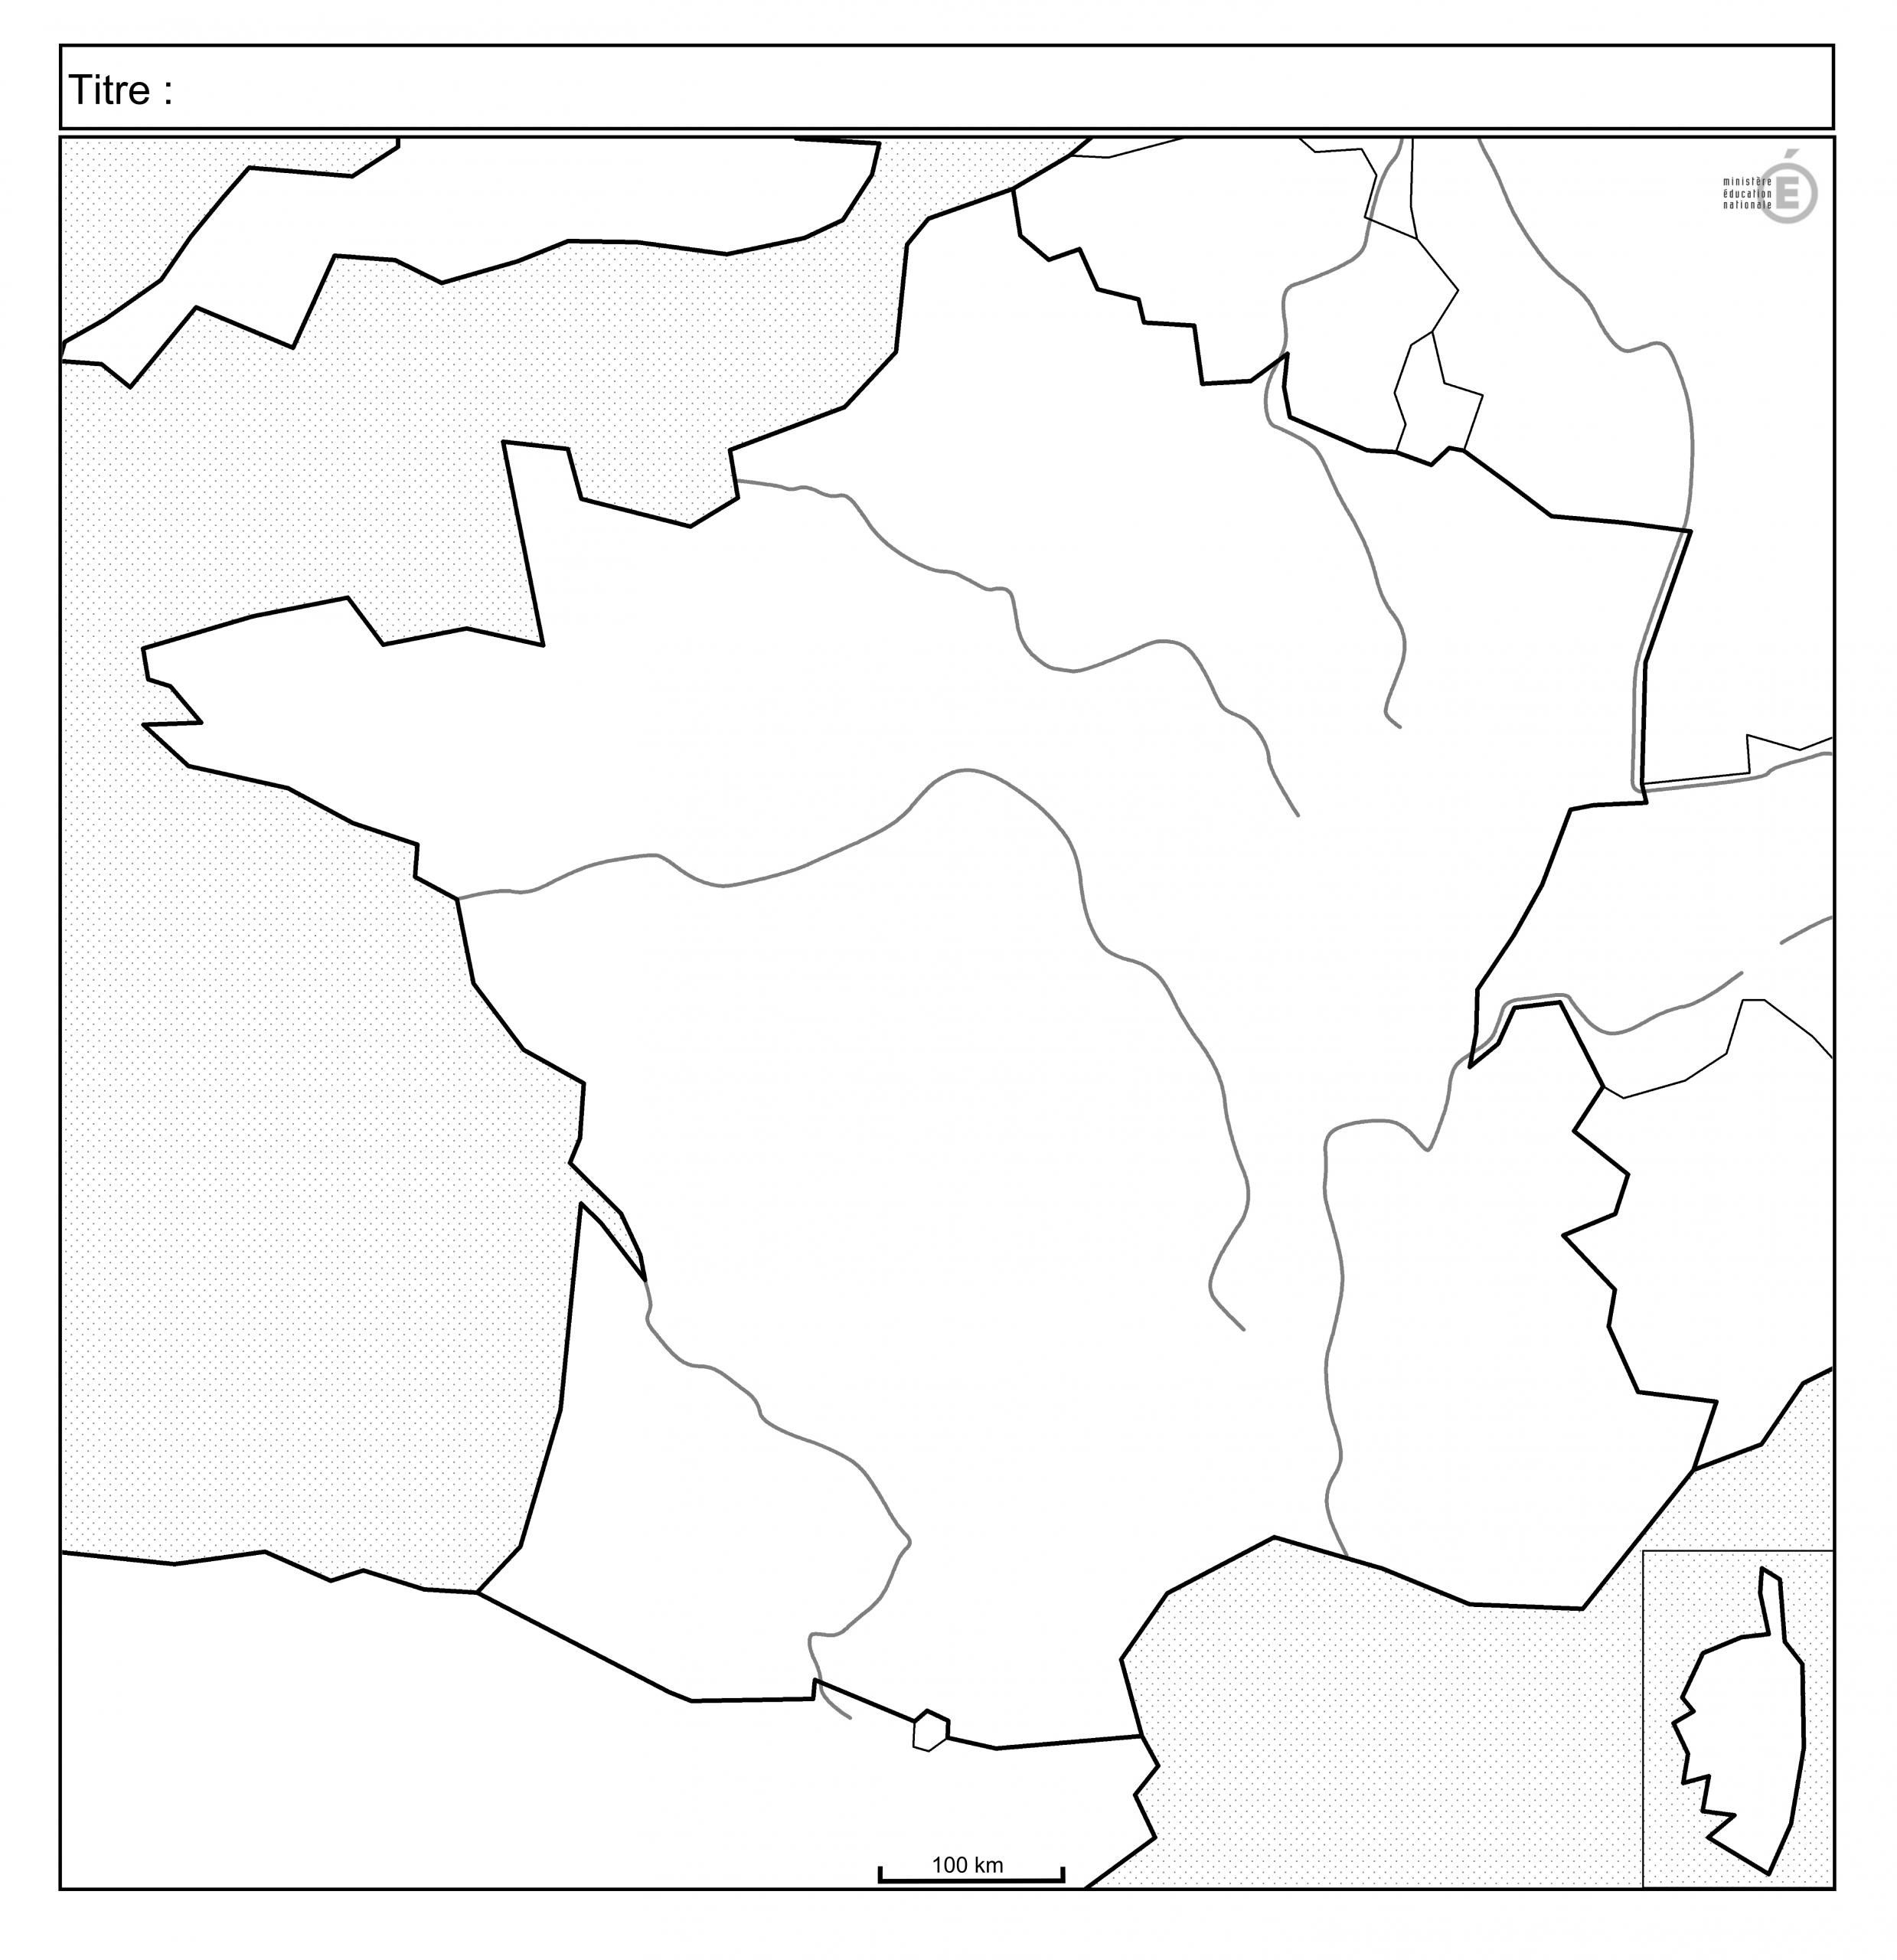 Fonds De Carte - Histoire-Géographie - Éduscol dedans Carte Des Fleuves De France